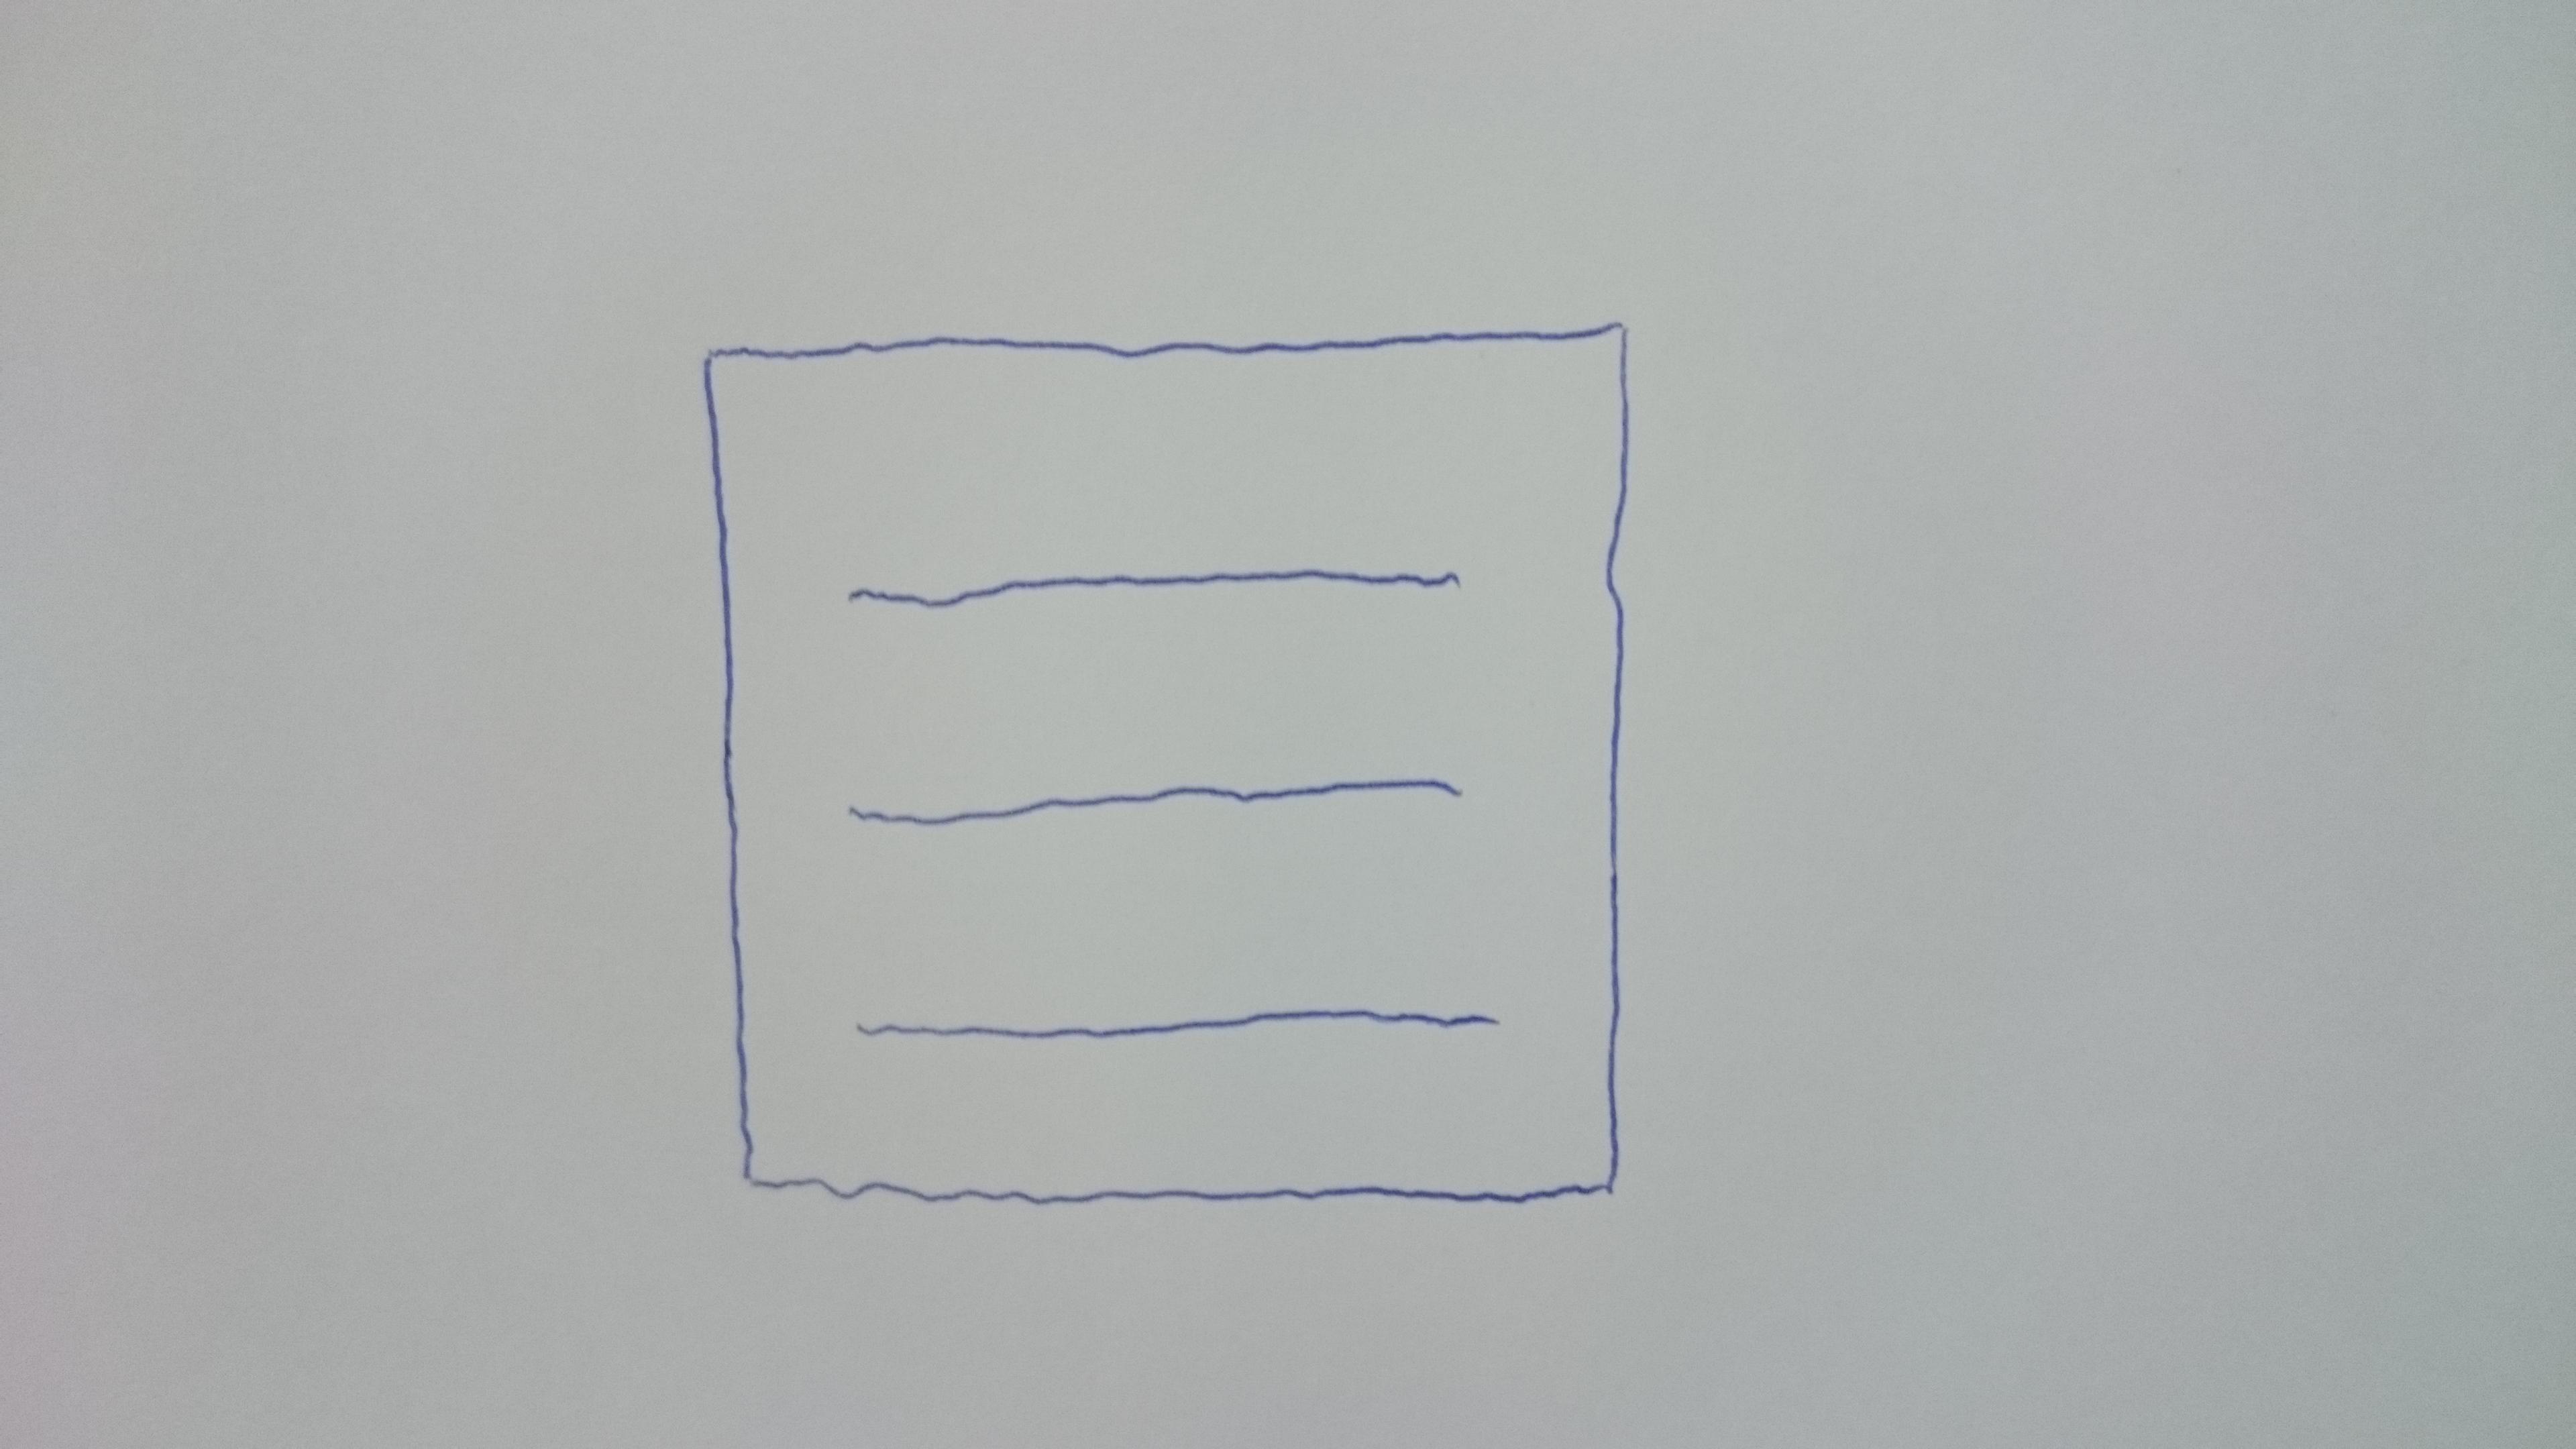 el acertijo del cuadrado coon 3 lineas 1